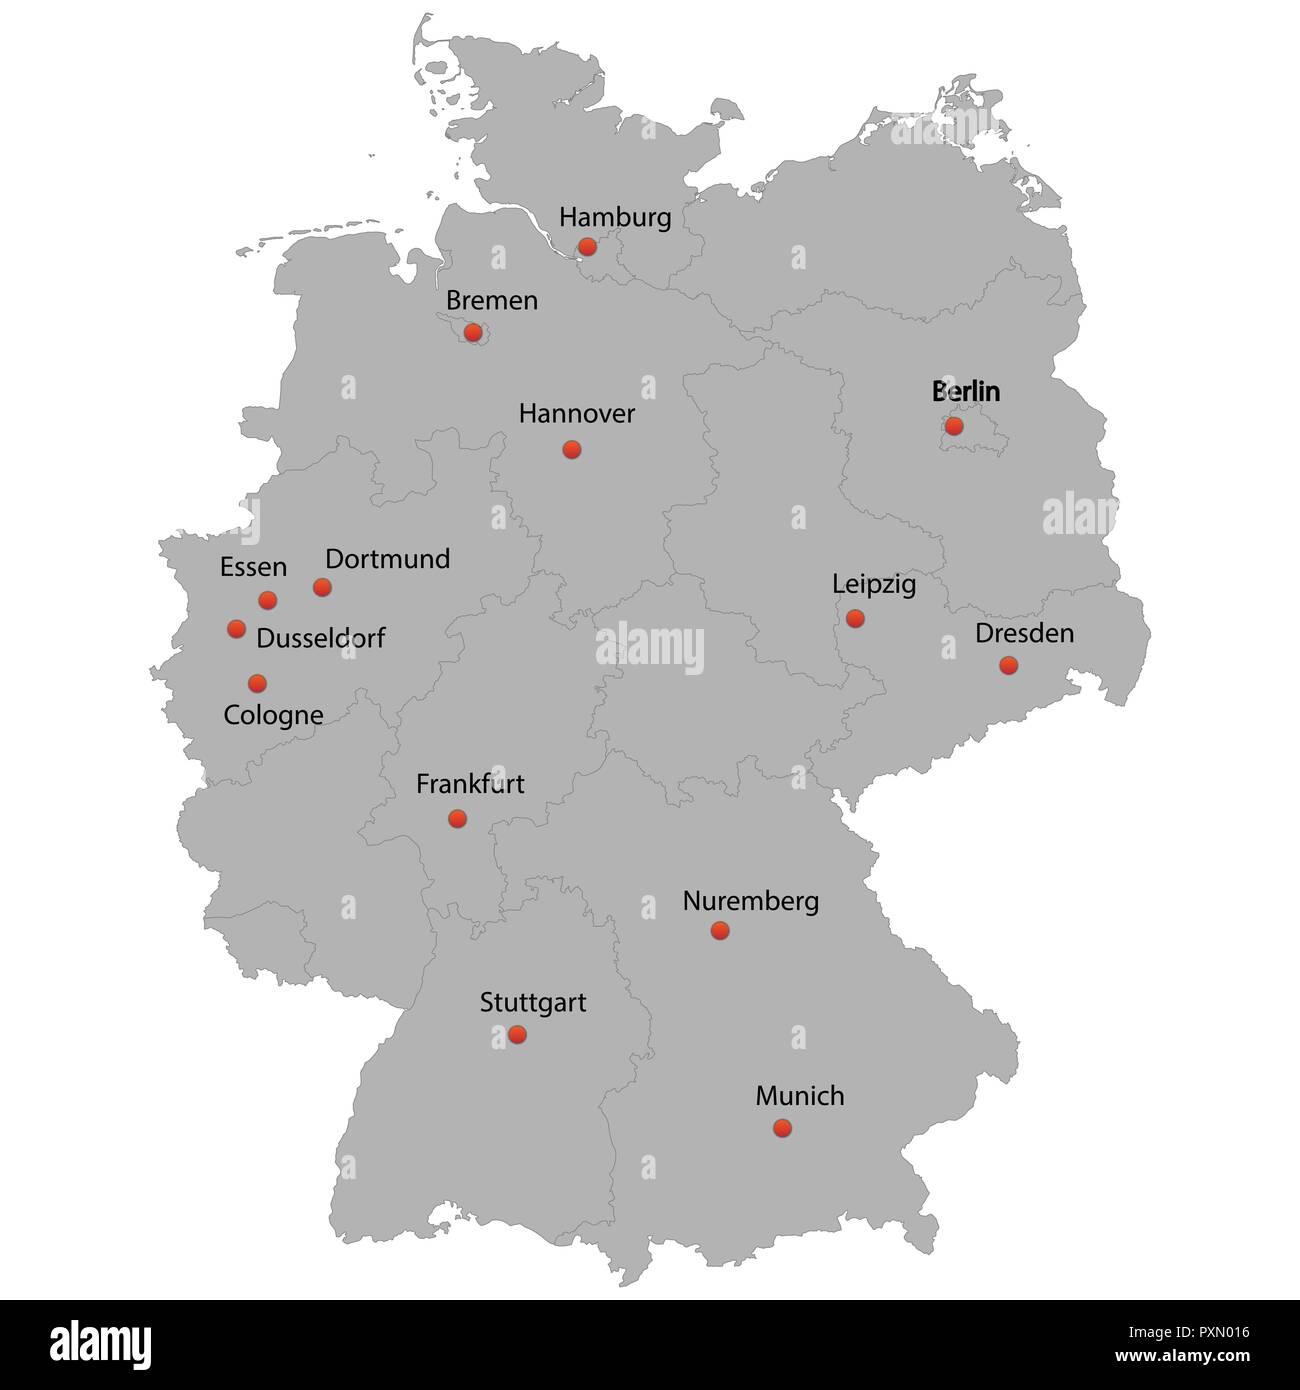 Detaillierte Karte Der Deutschland Mit Stadten Vektor Abbildung